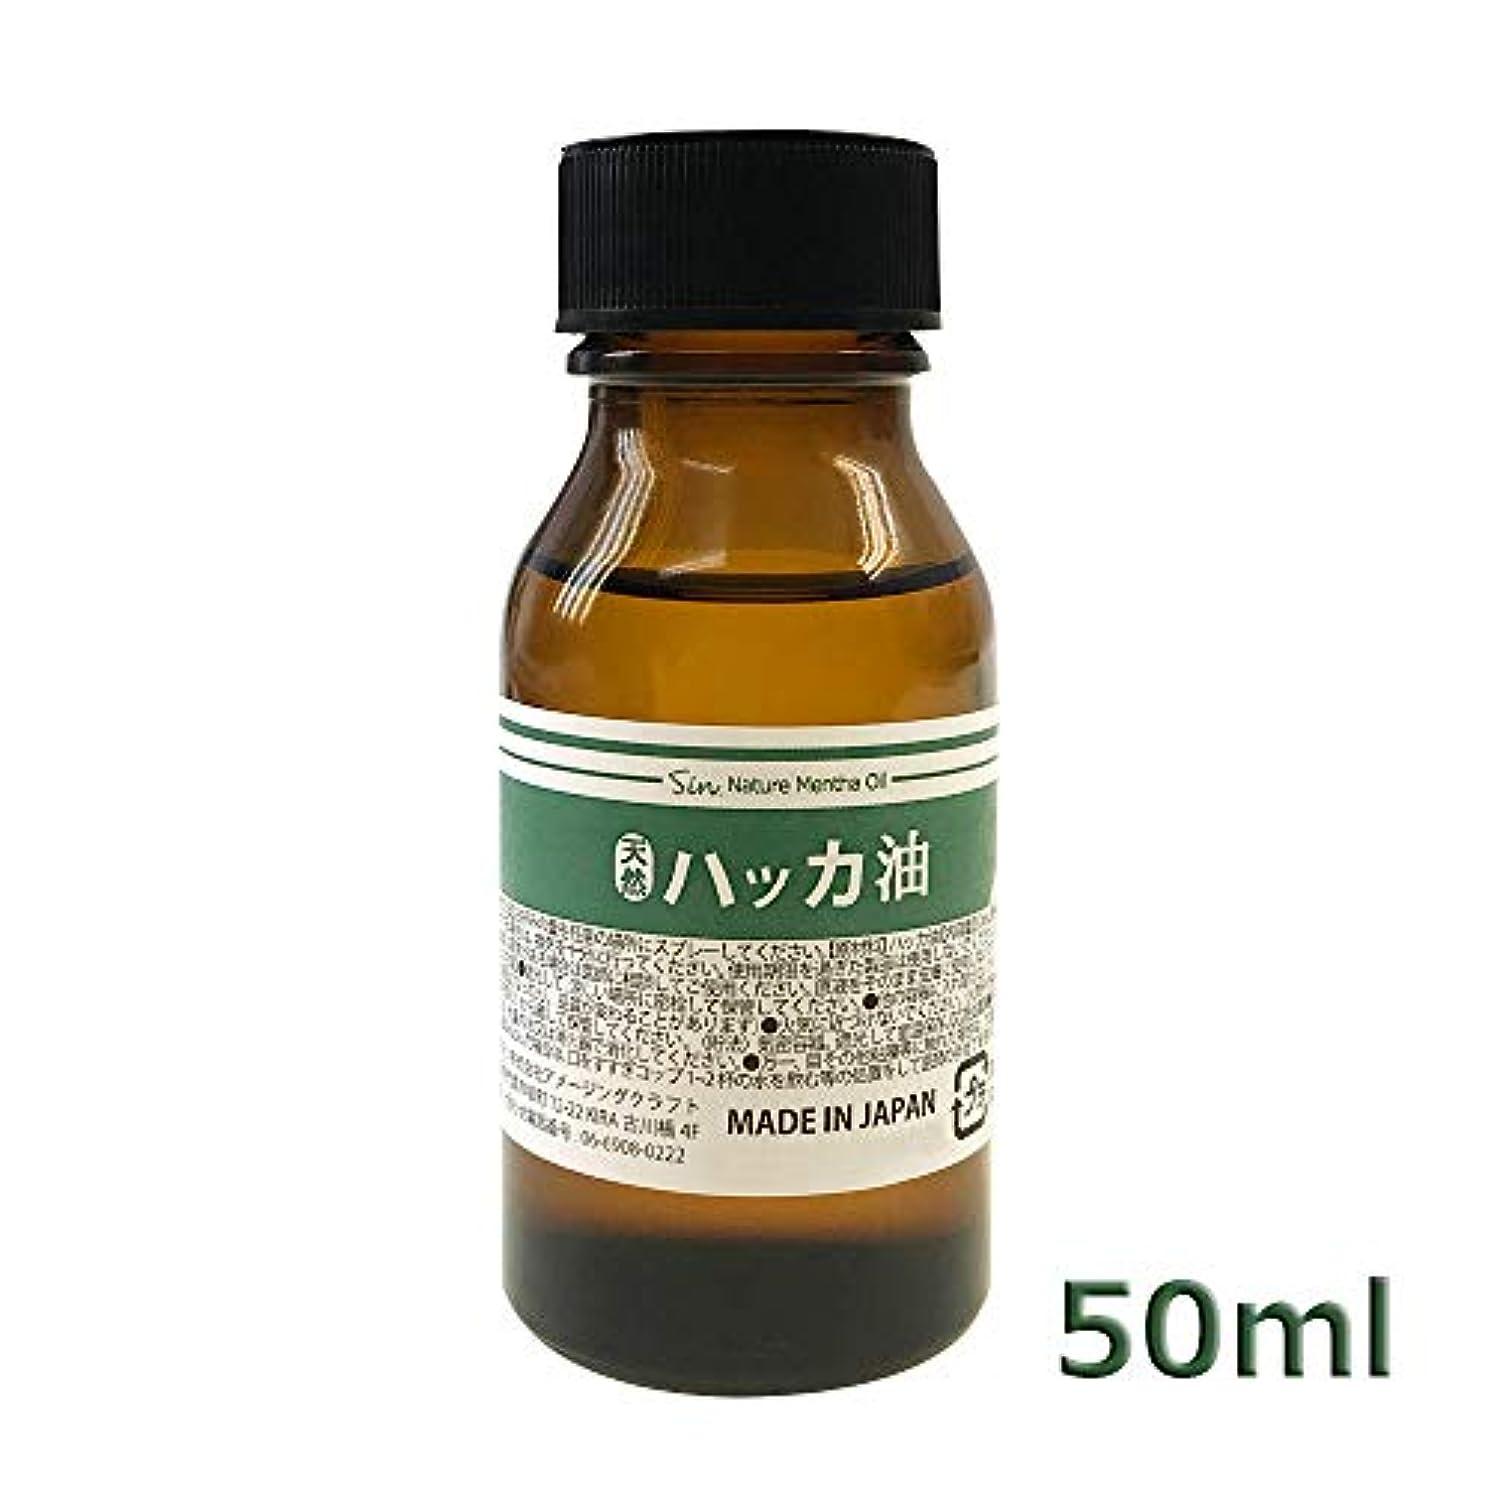 ホイスト賢明な検索日本製 天然ハッカ油(ハッカオイル) 50ml